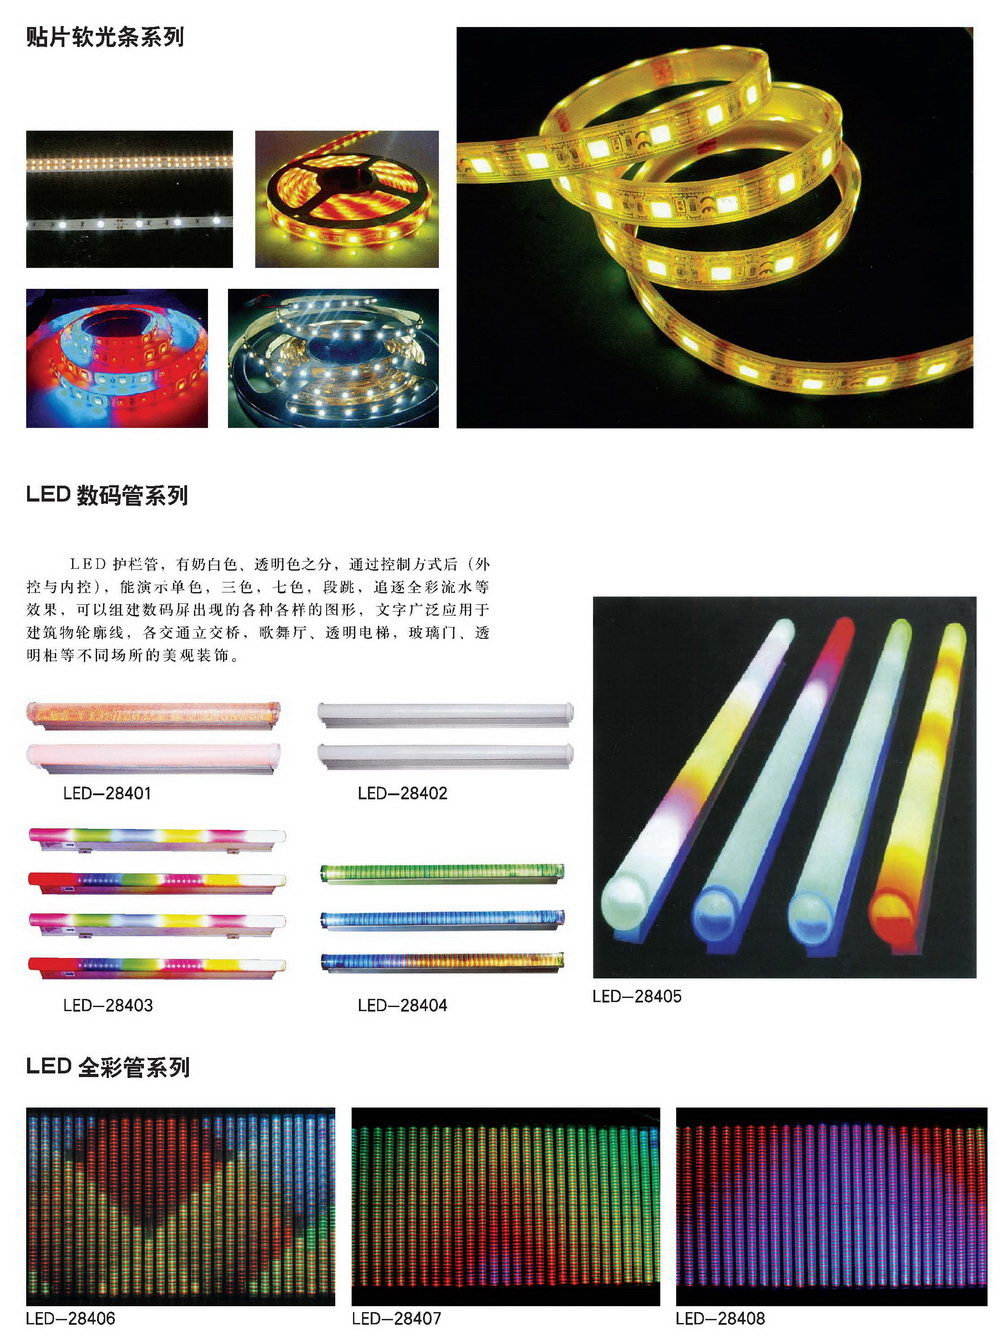 LED灯系列-2840